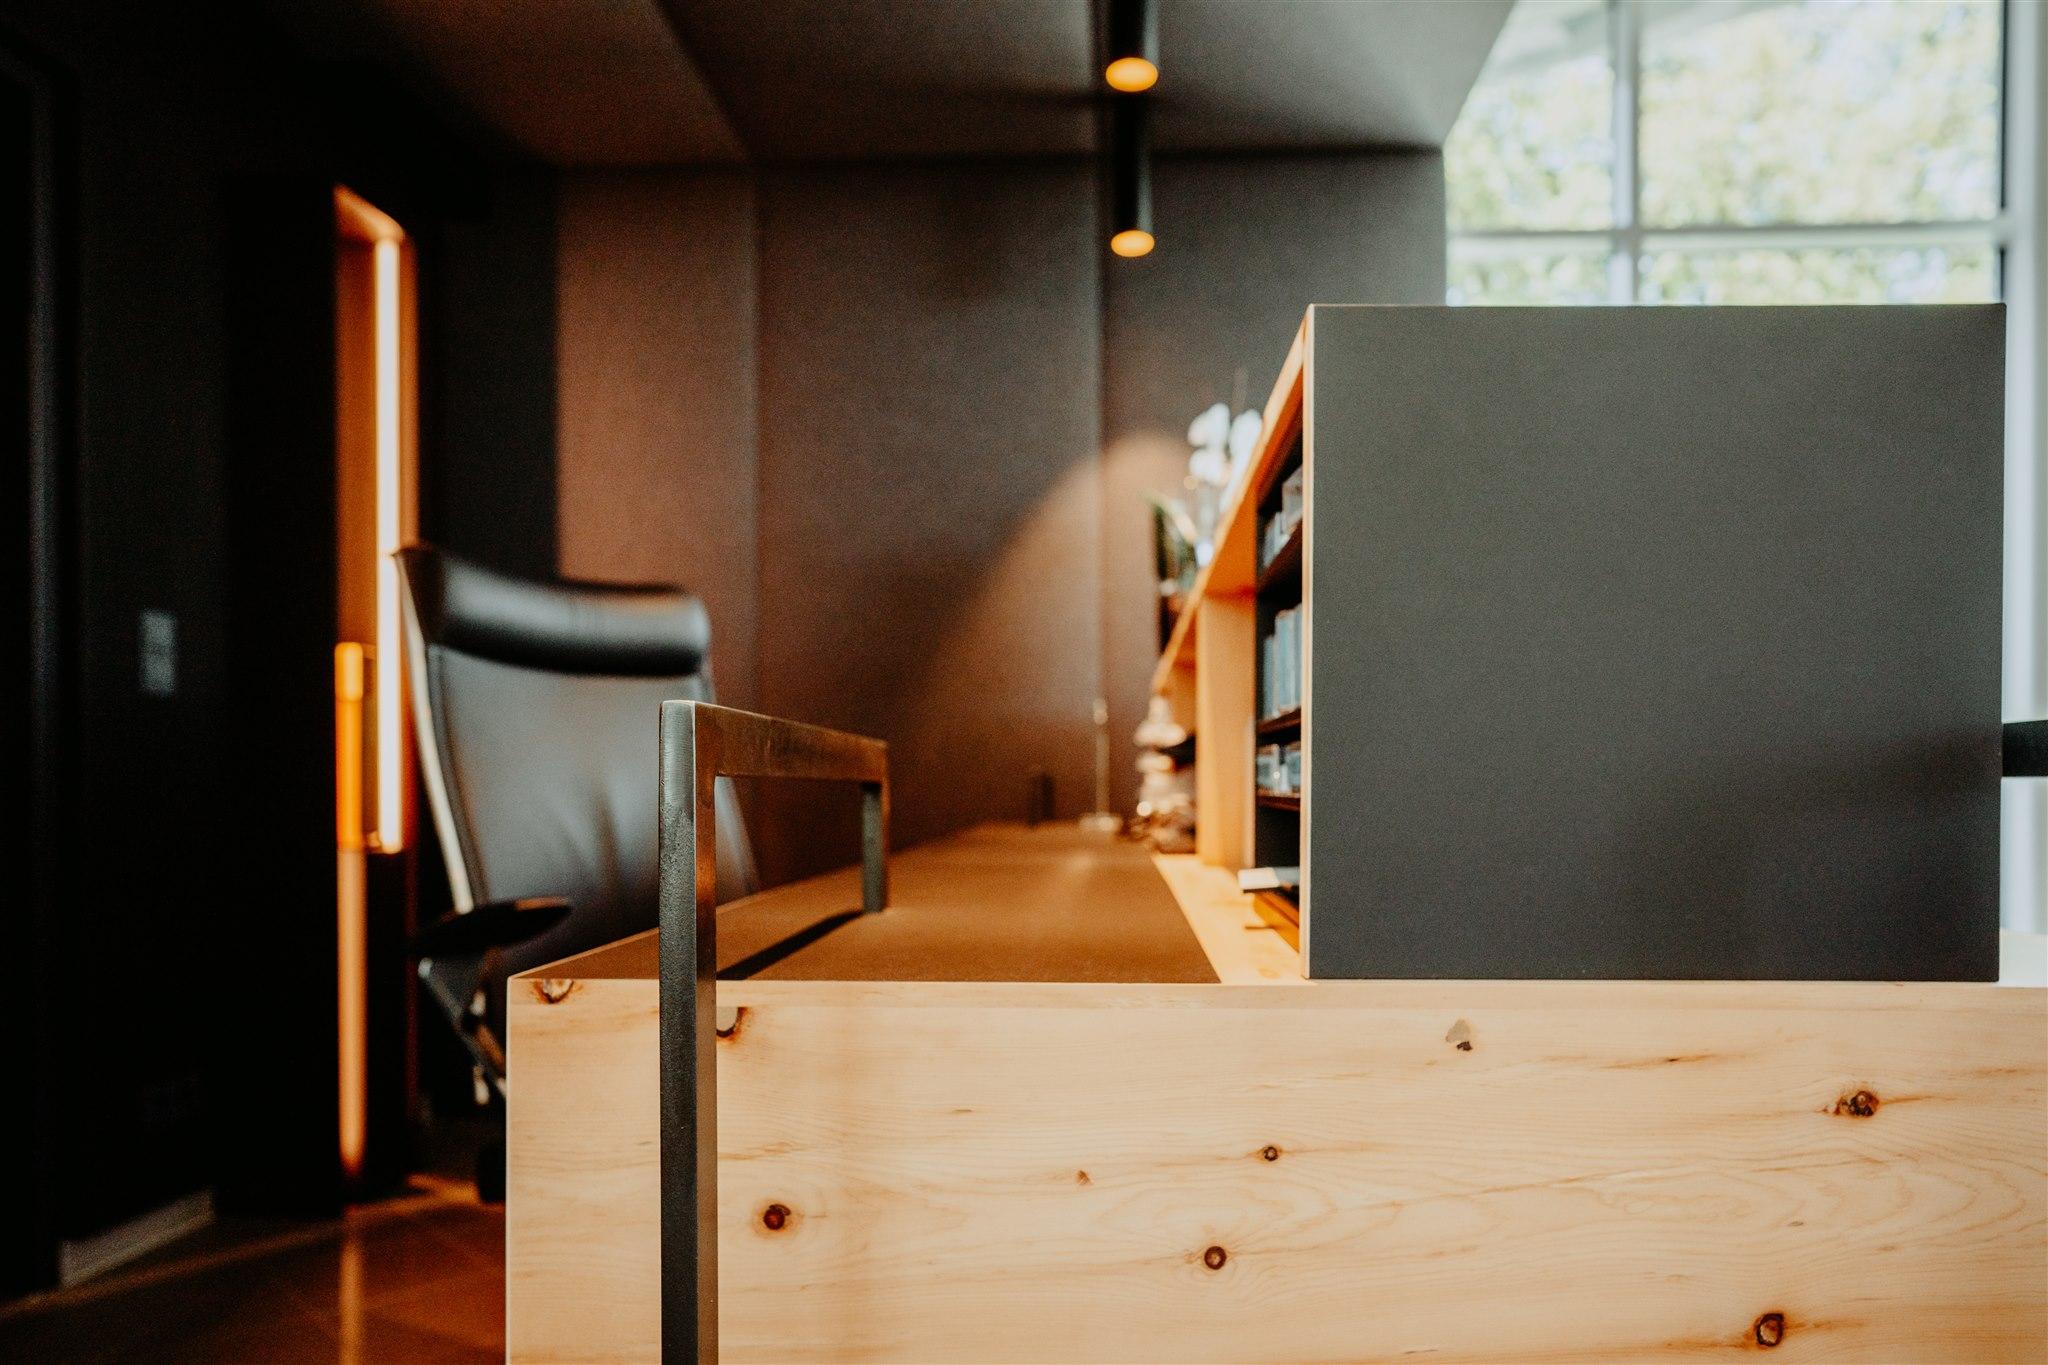 Projekt Paula Buchner - Empfang für Regenauer Haus